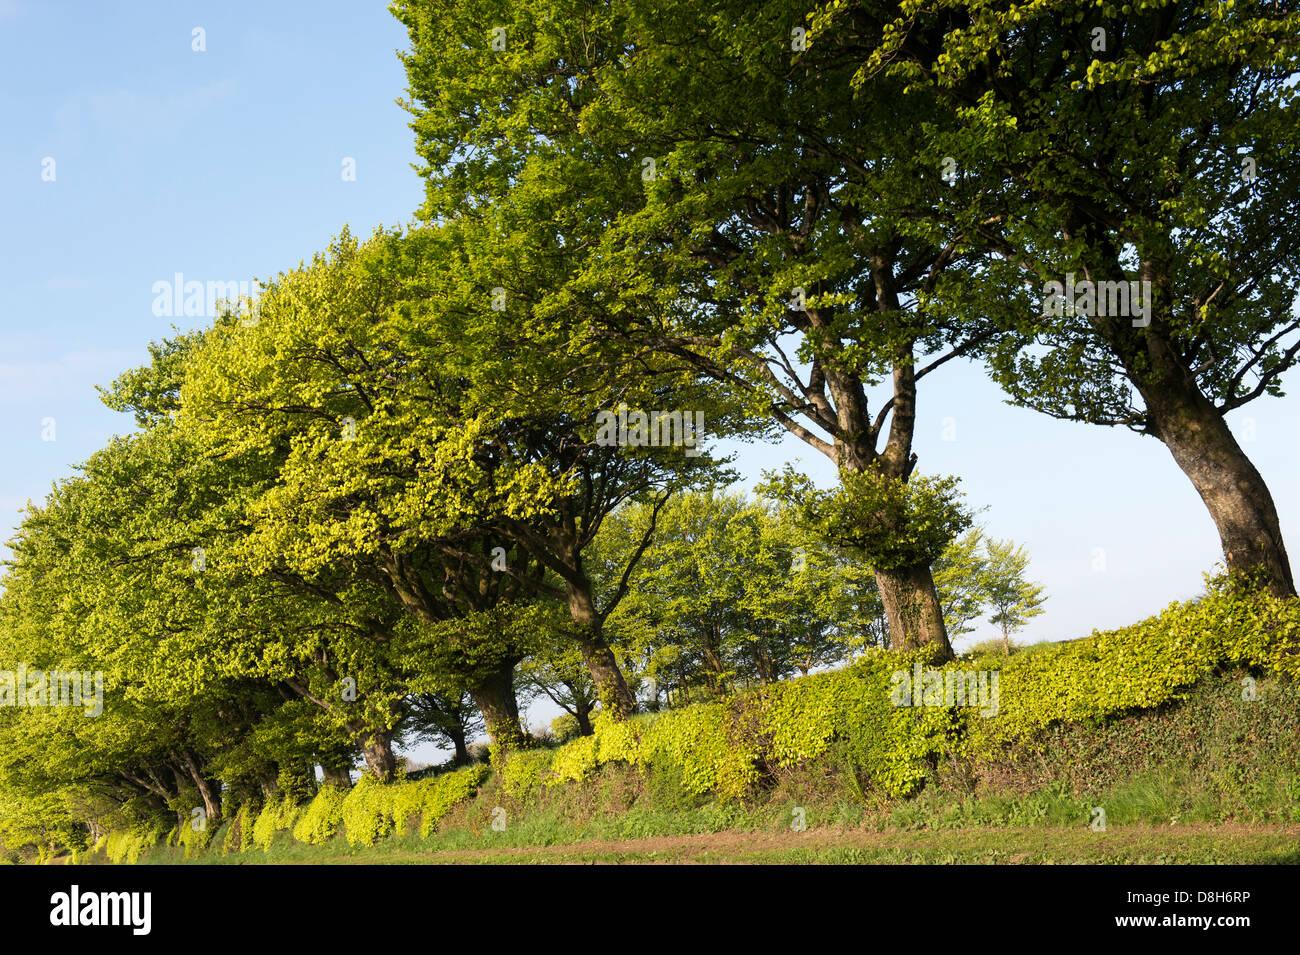 Hornbeam trees along a Devon road - Stock Image